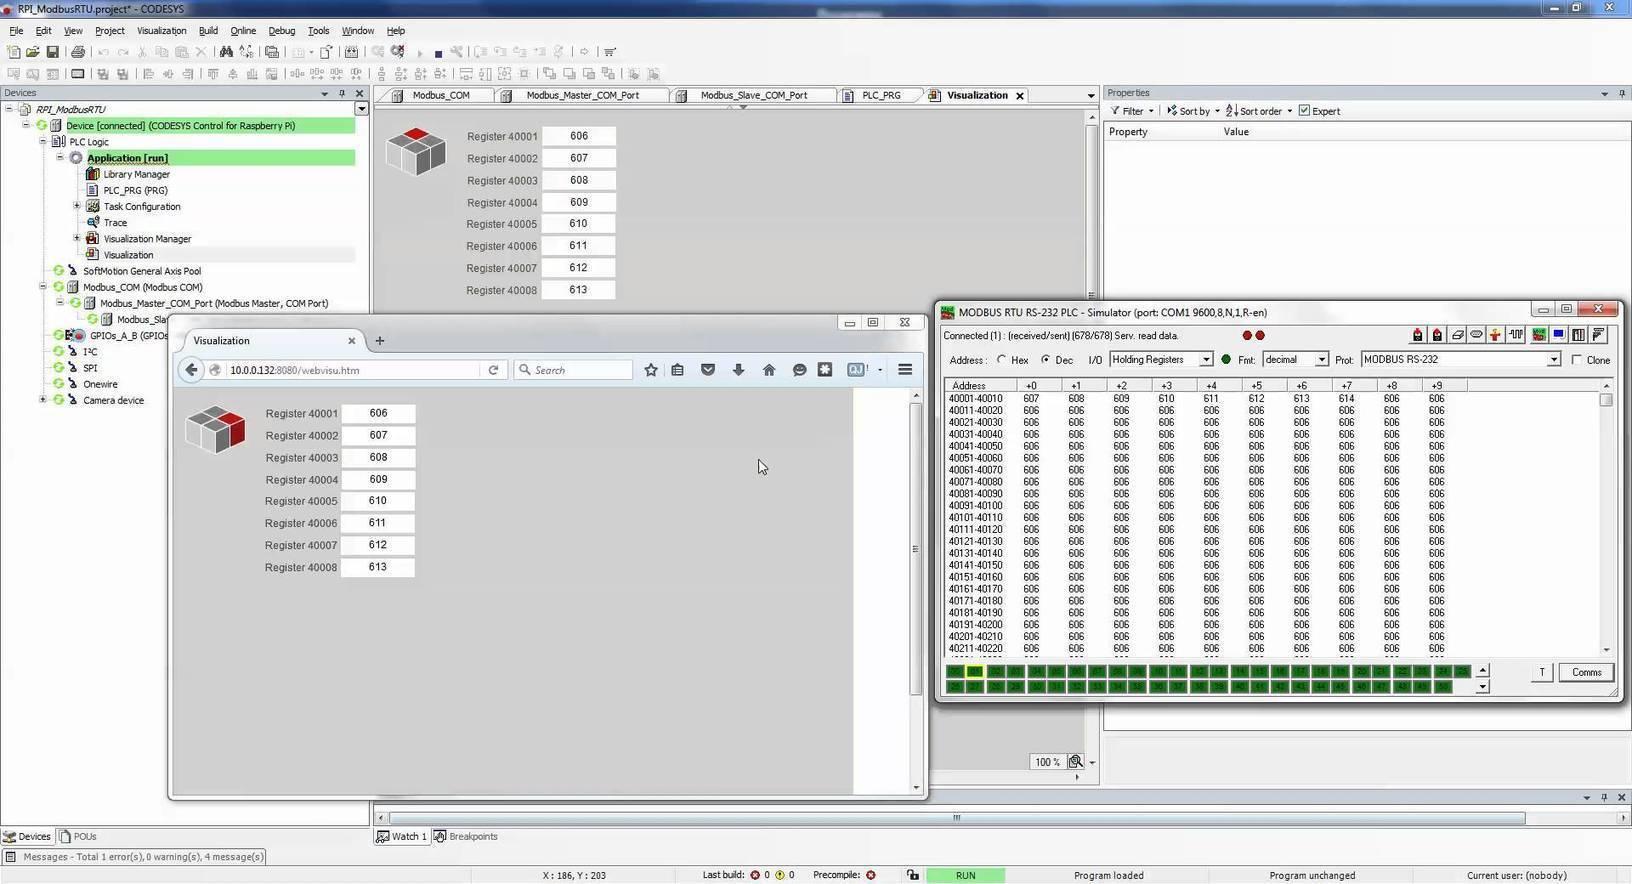 Raspberry Pi 2 : Codesys PLC Modbus RTU Master